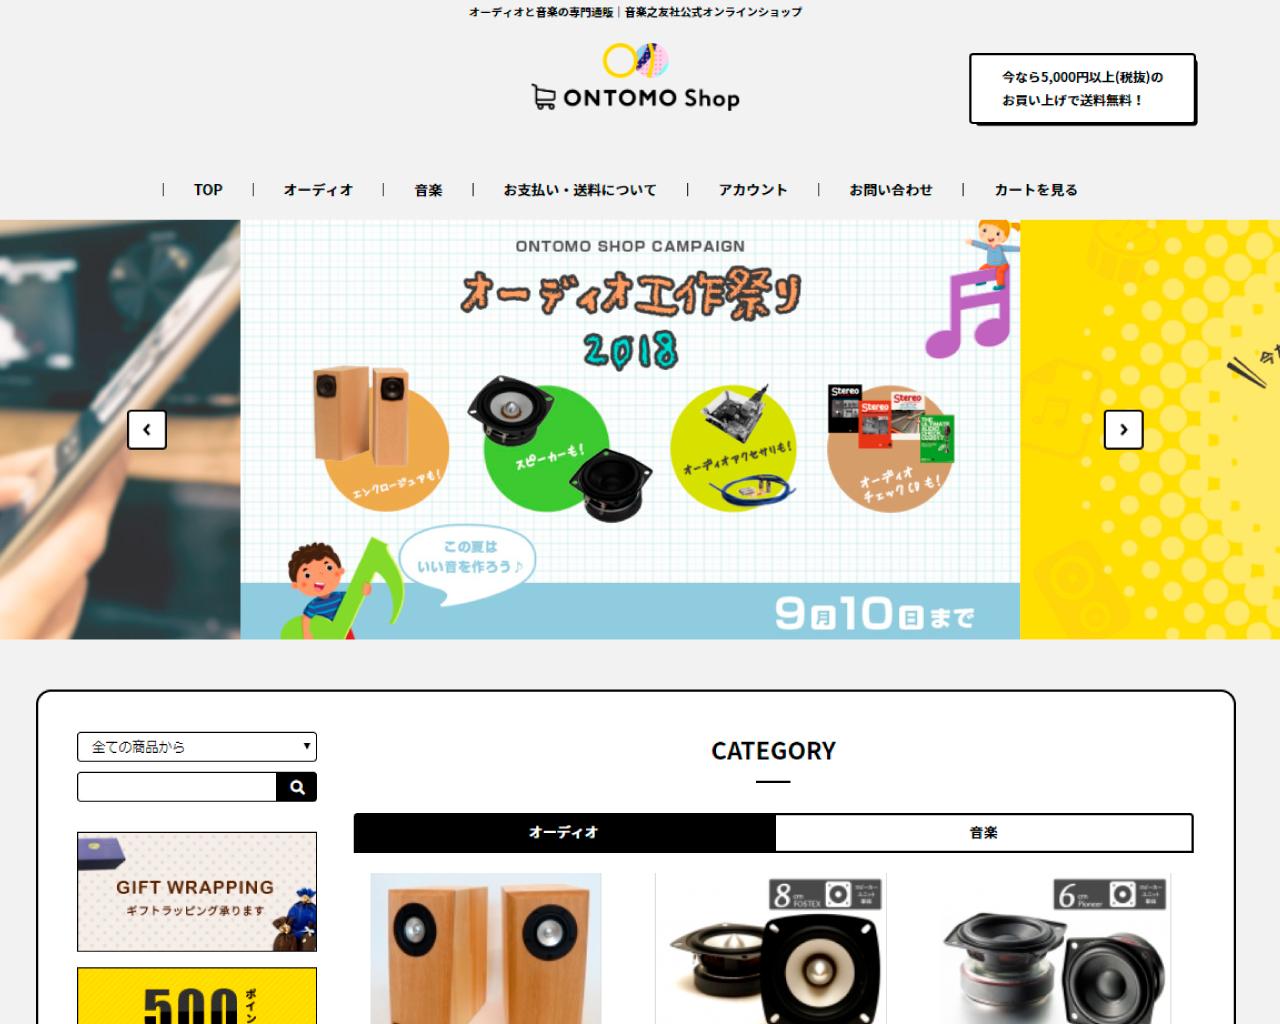 オンランショップ Ontomo Shop 情報 Stereo Blog